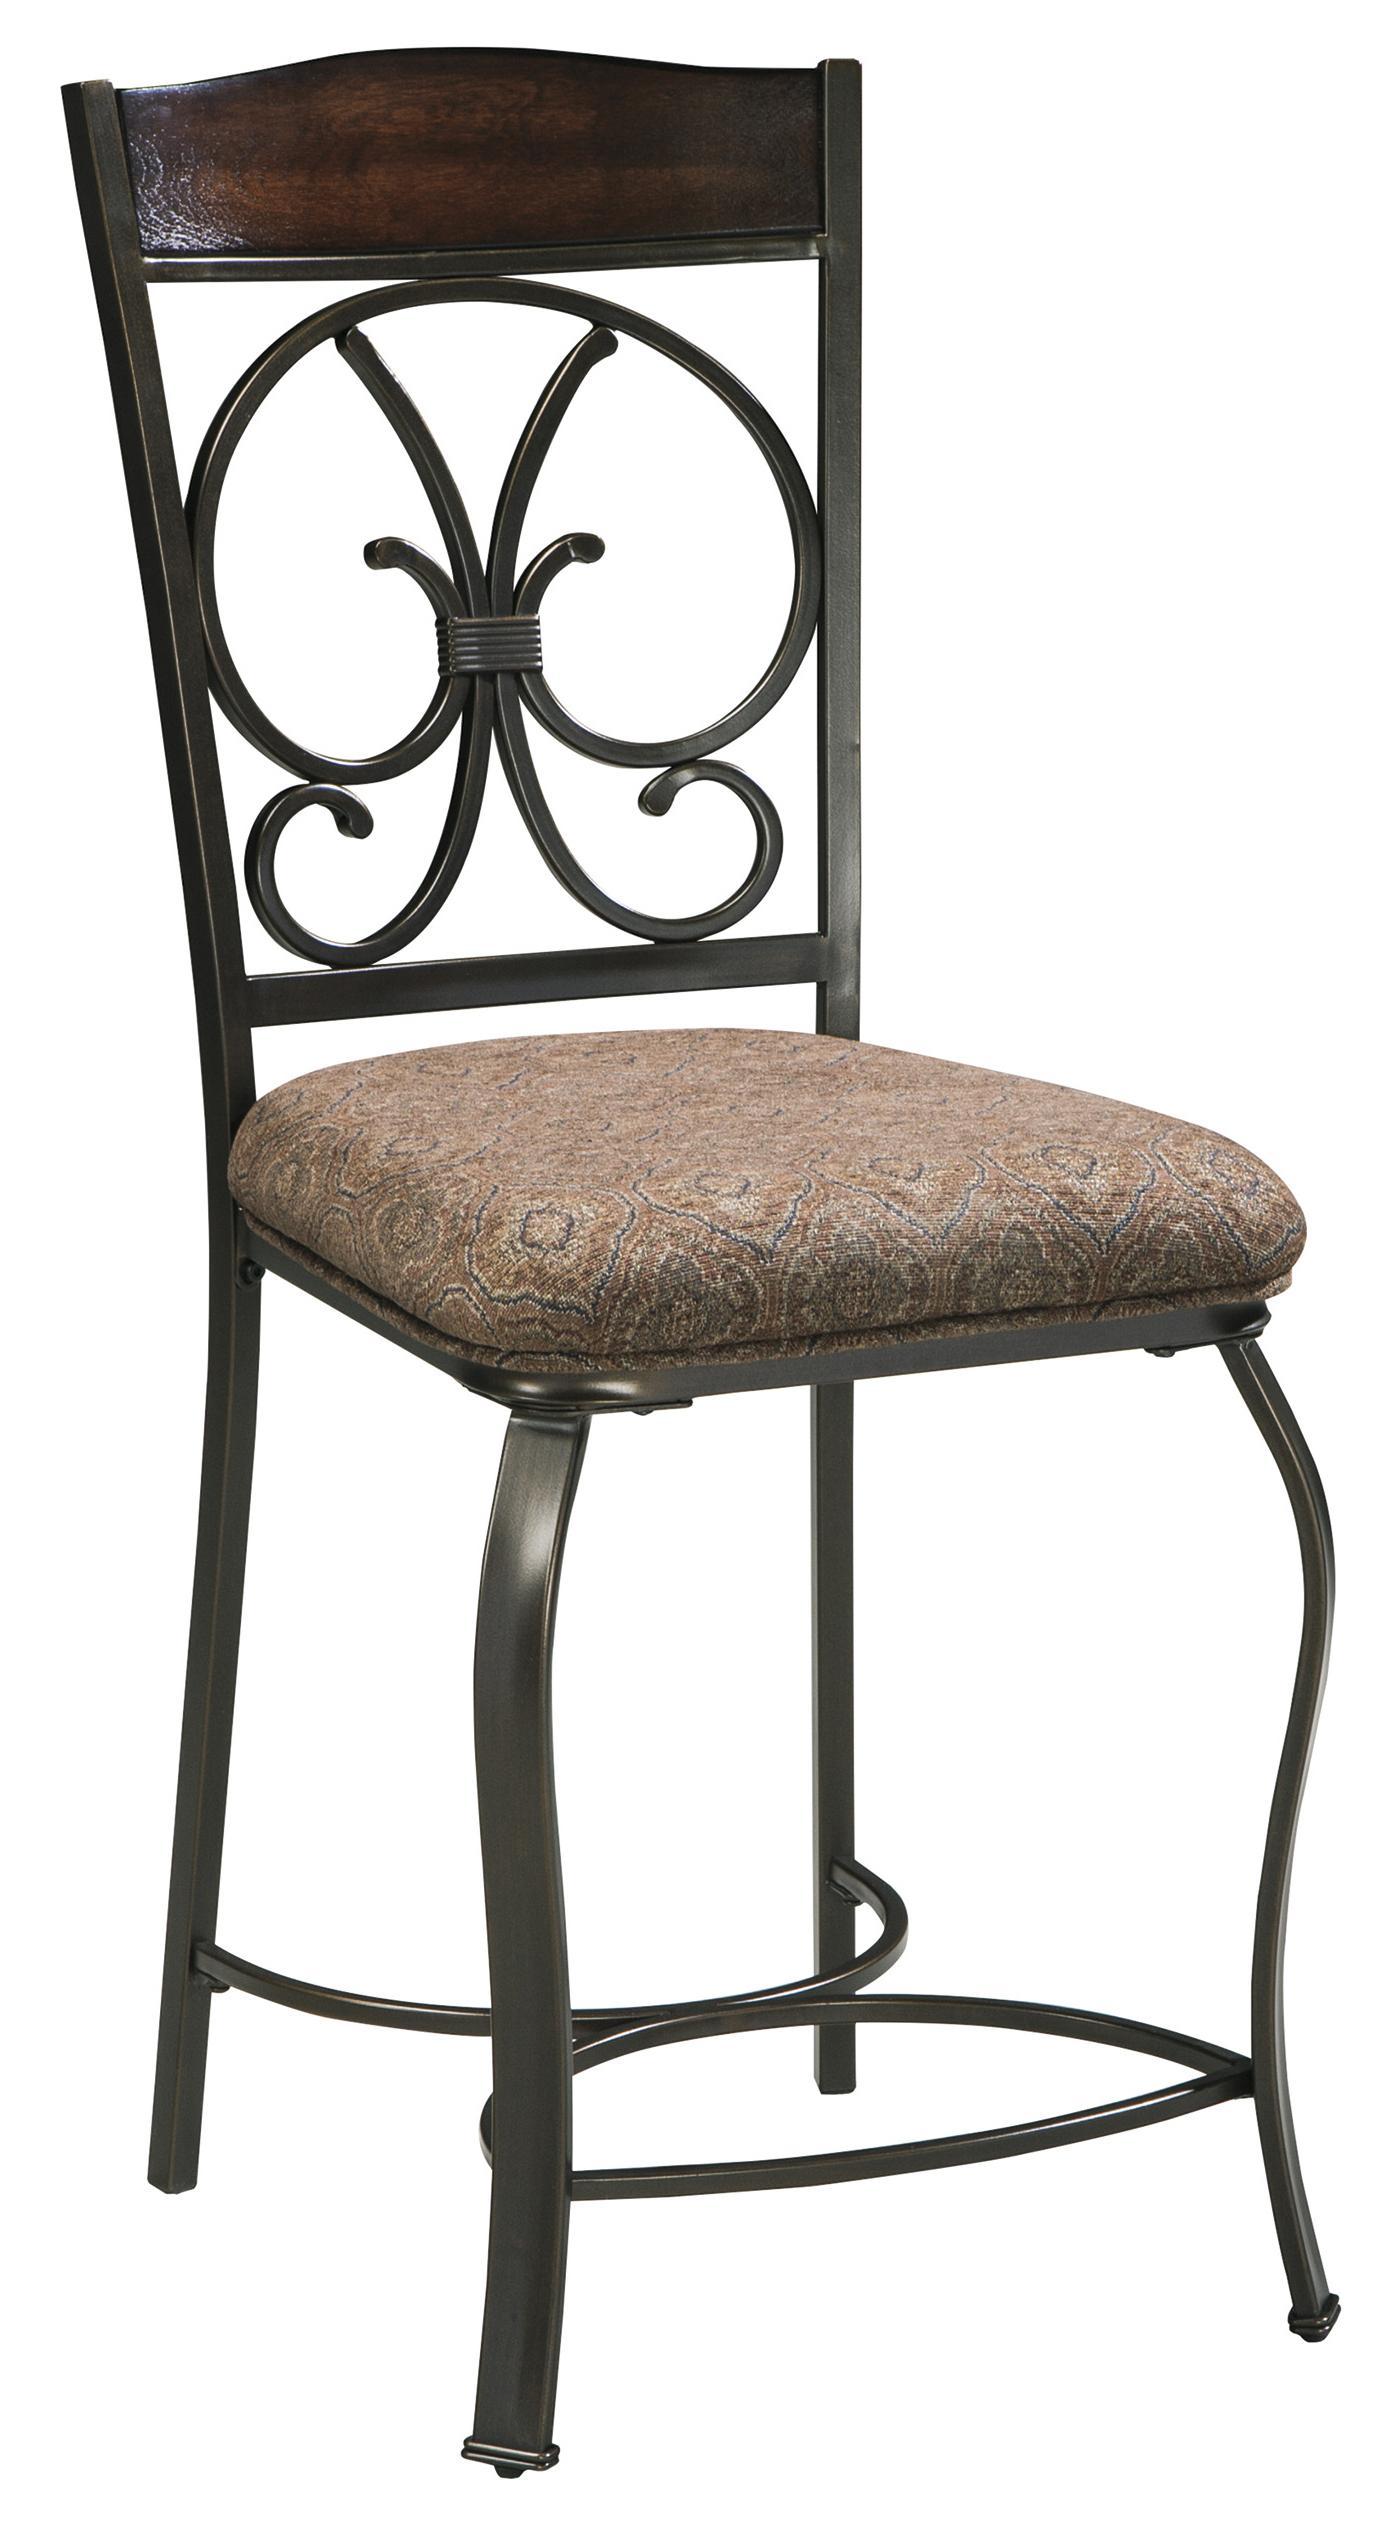 Glambrey Upholstered Barstool by Ashley (Signature Design) at Johnny Janosik